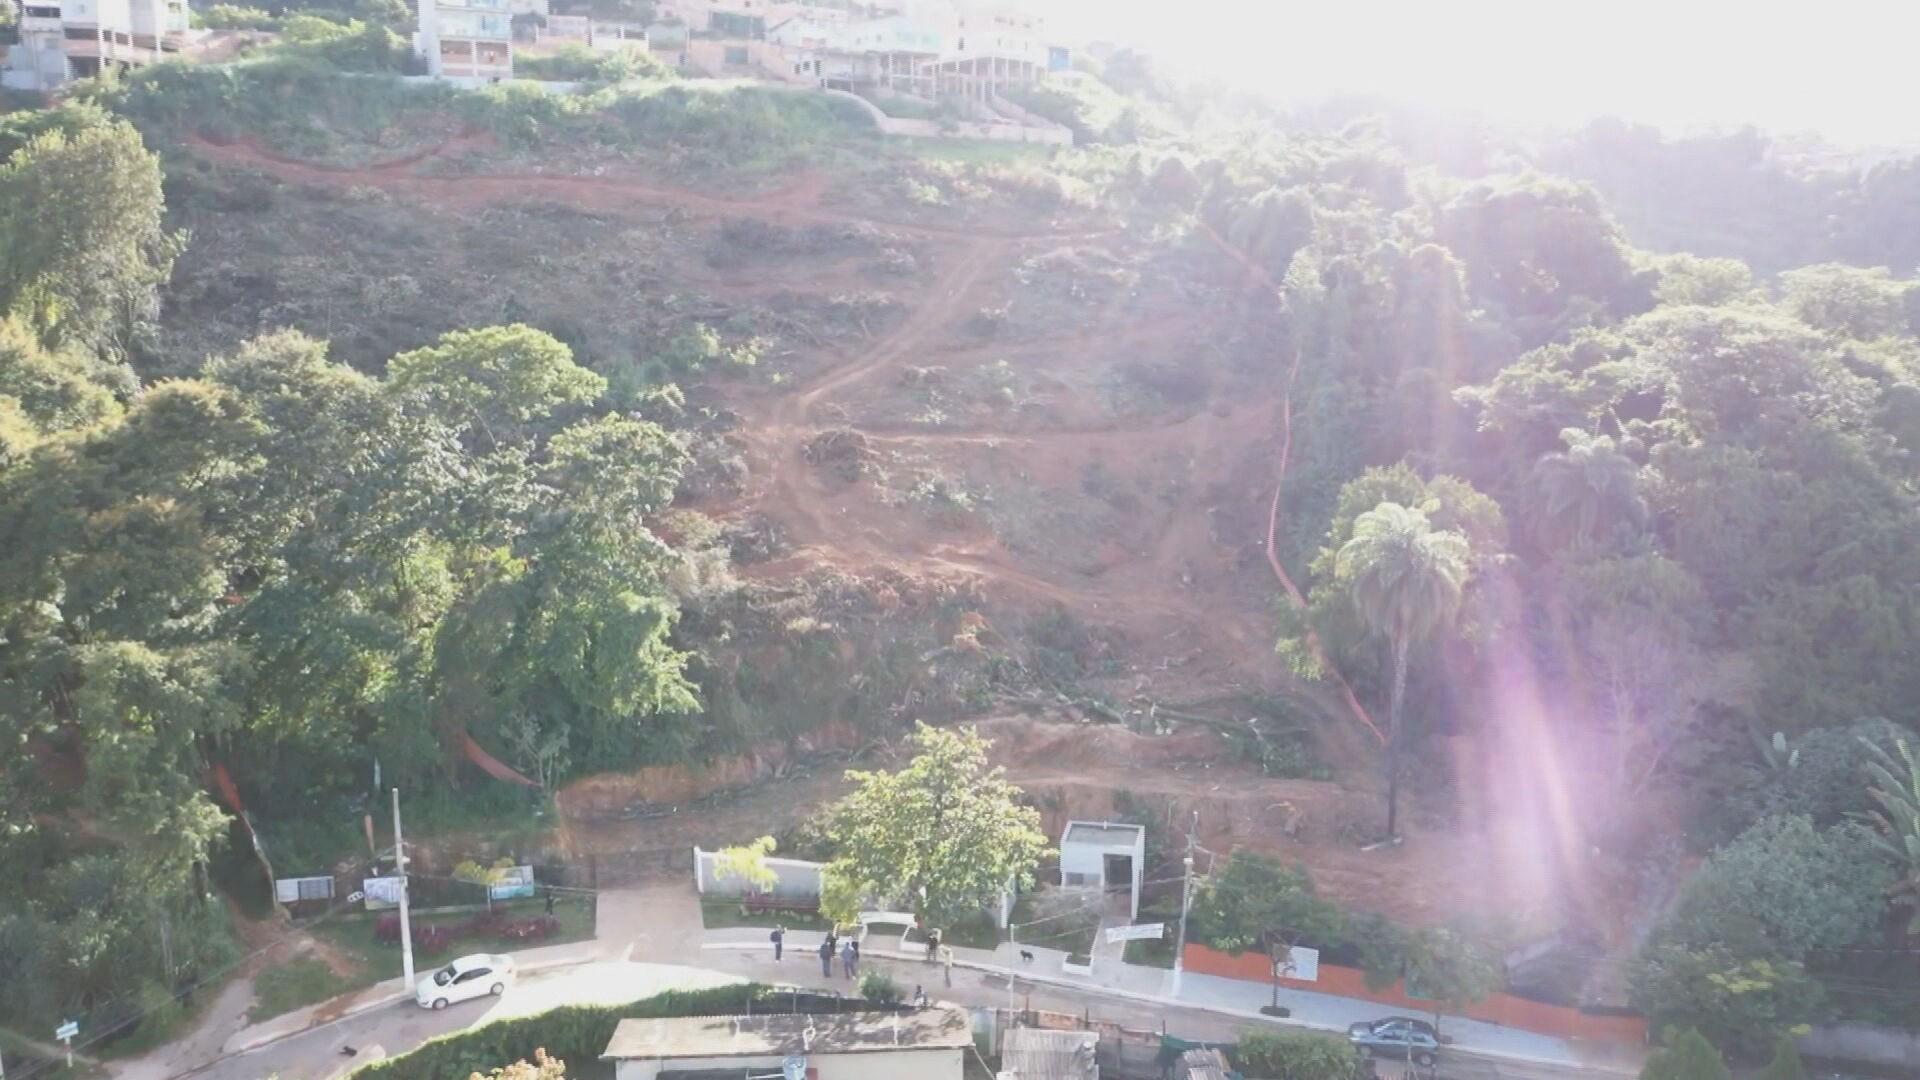 Justiça proíbe que construtora corte árvores na Mata da Represa, na Região Oeste de Belo Horizonte